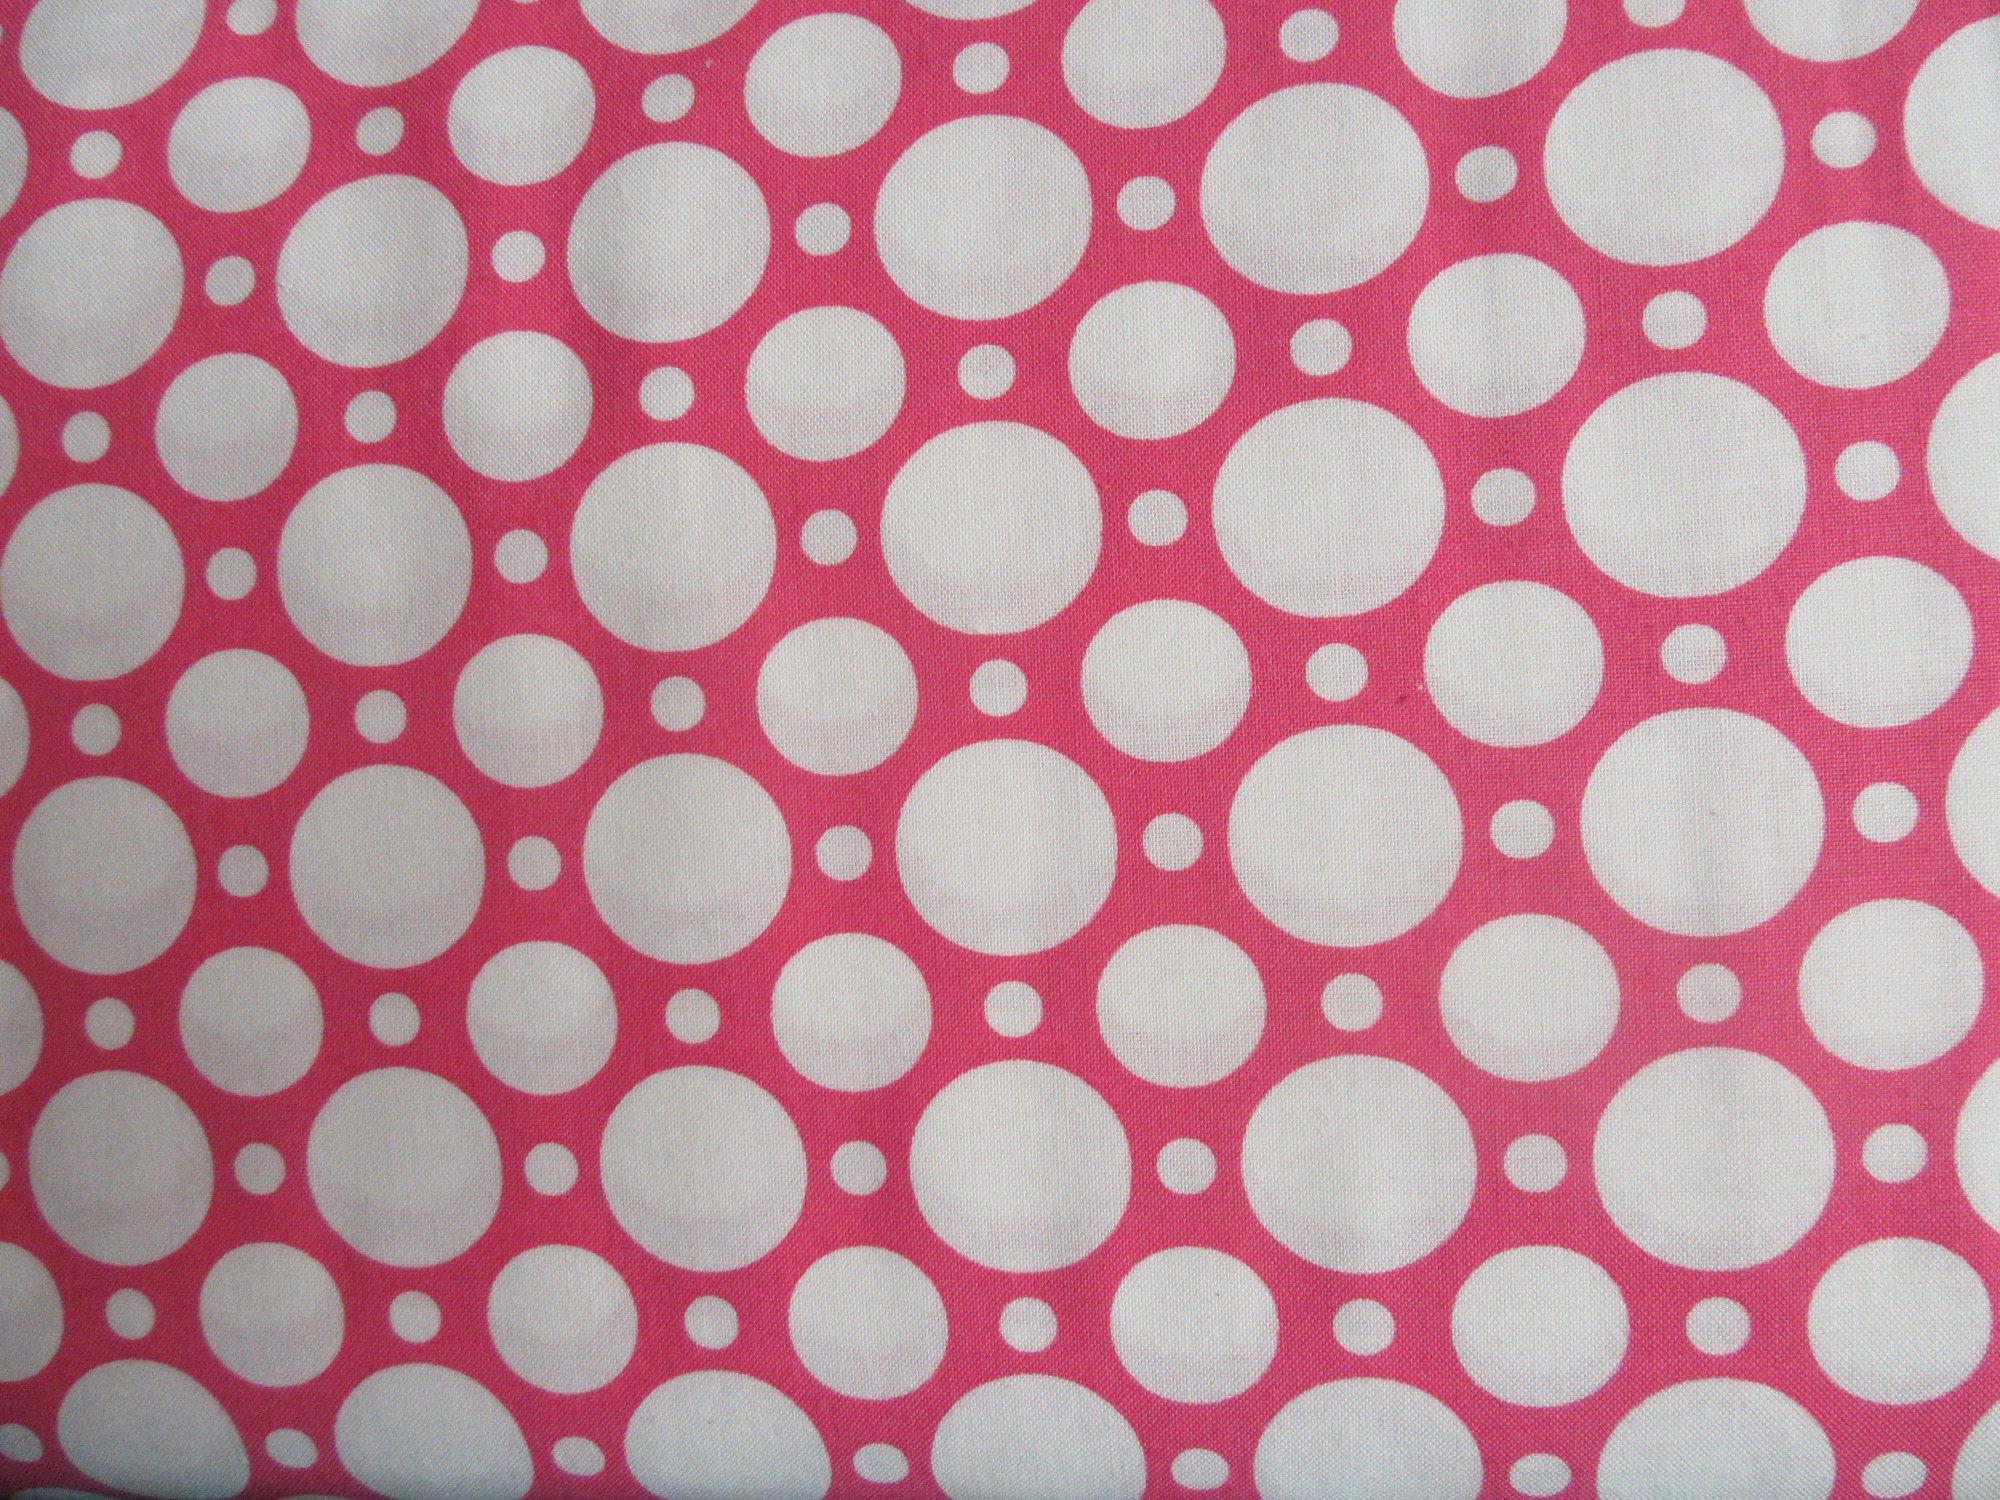 RJR Fabrics Crazy Dots & Stps 8176 1